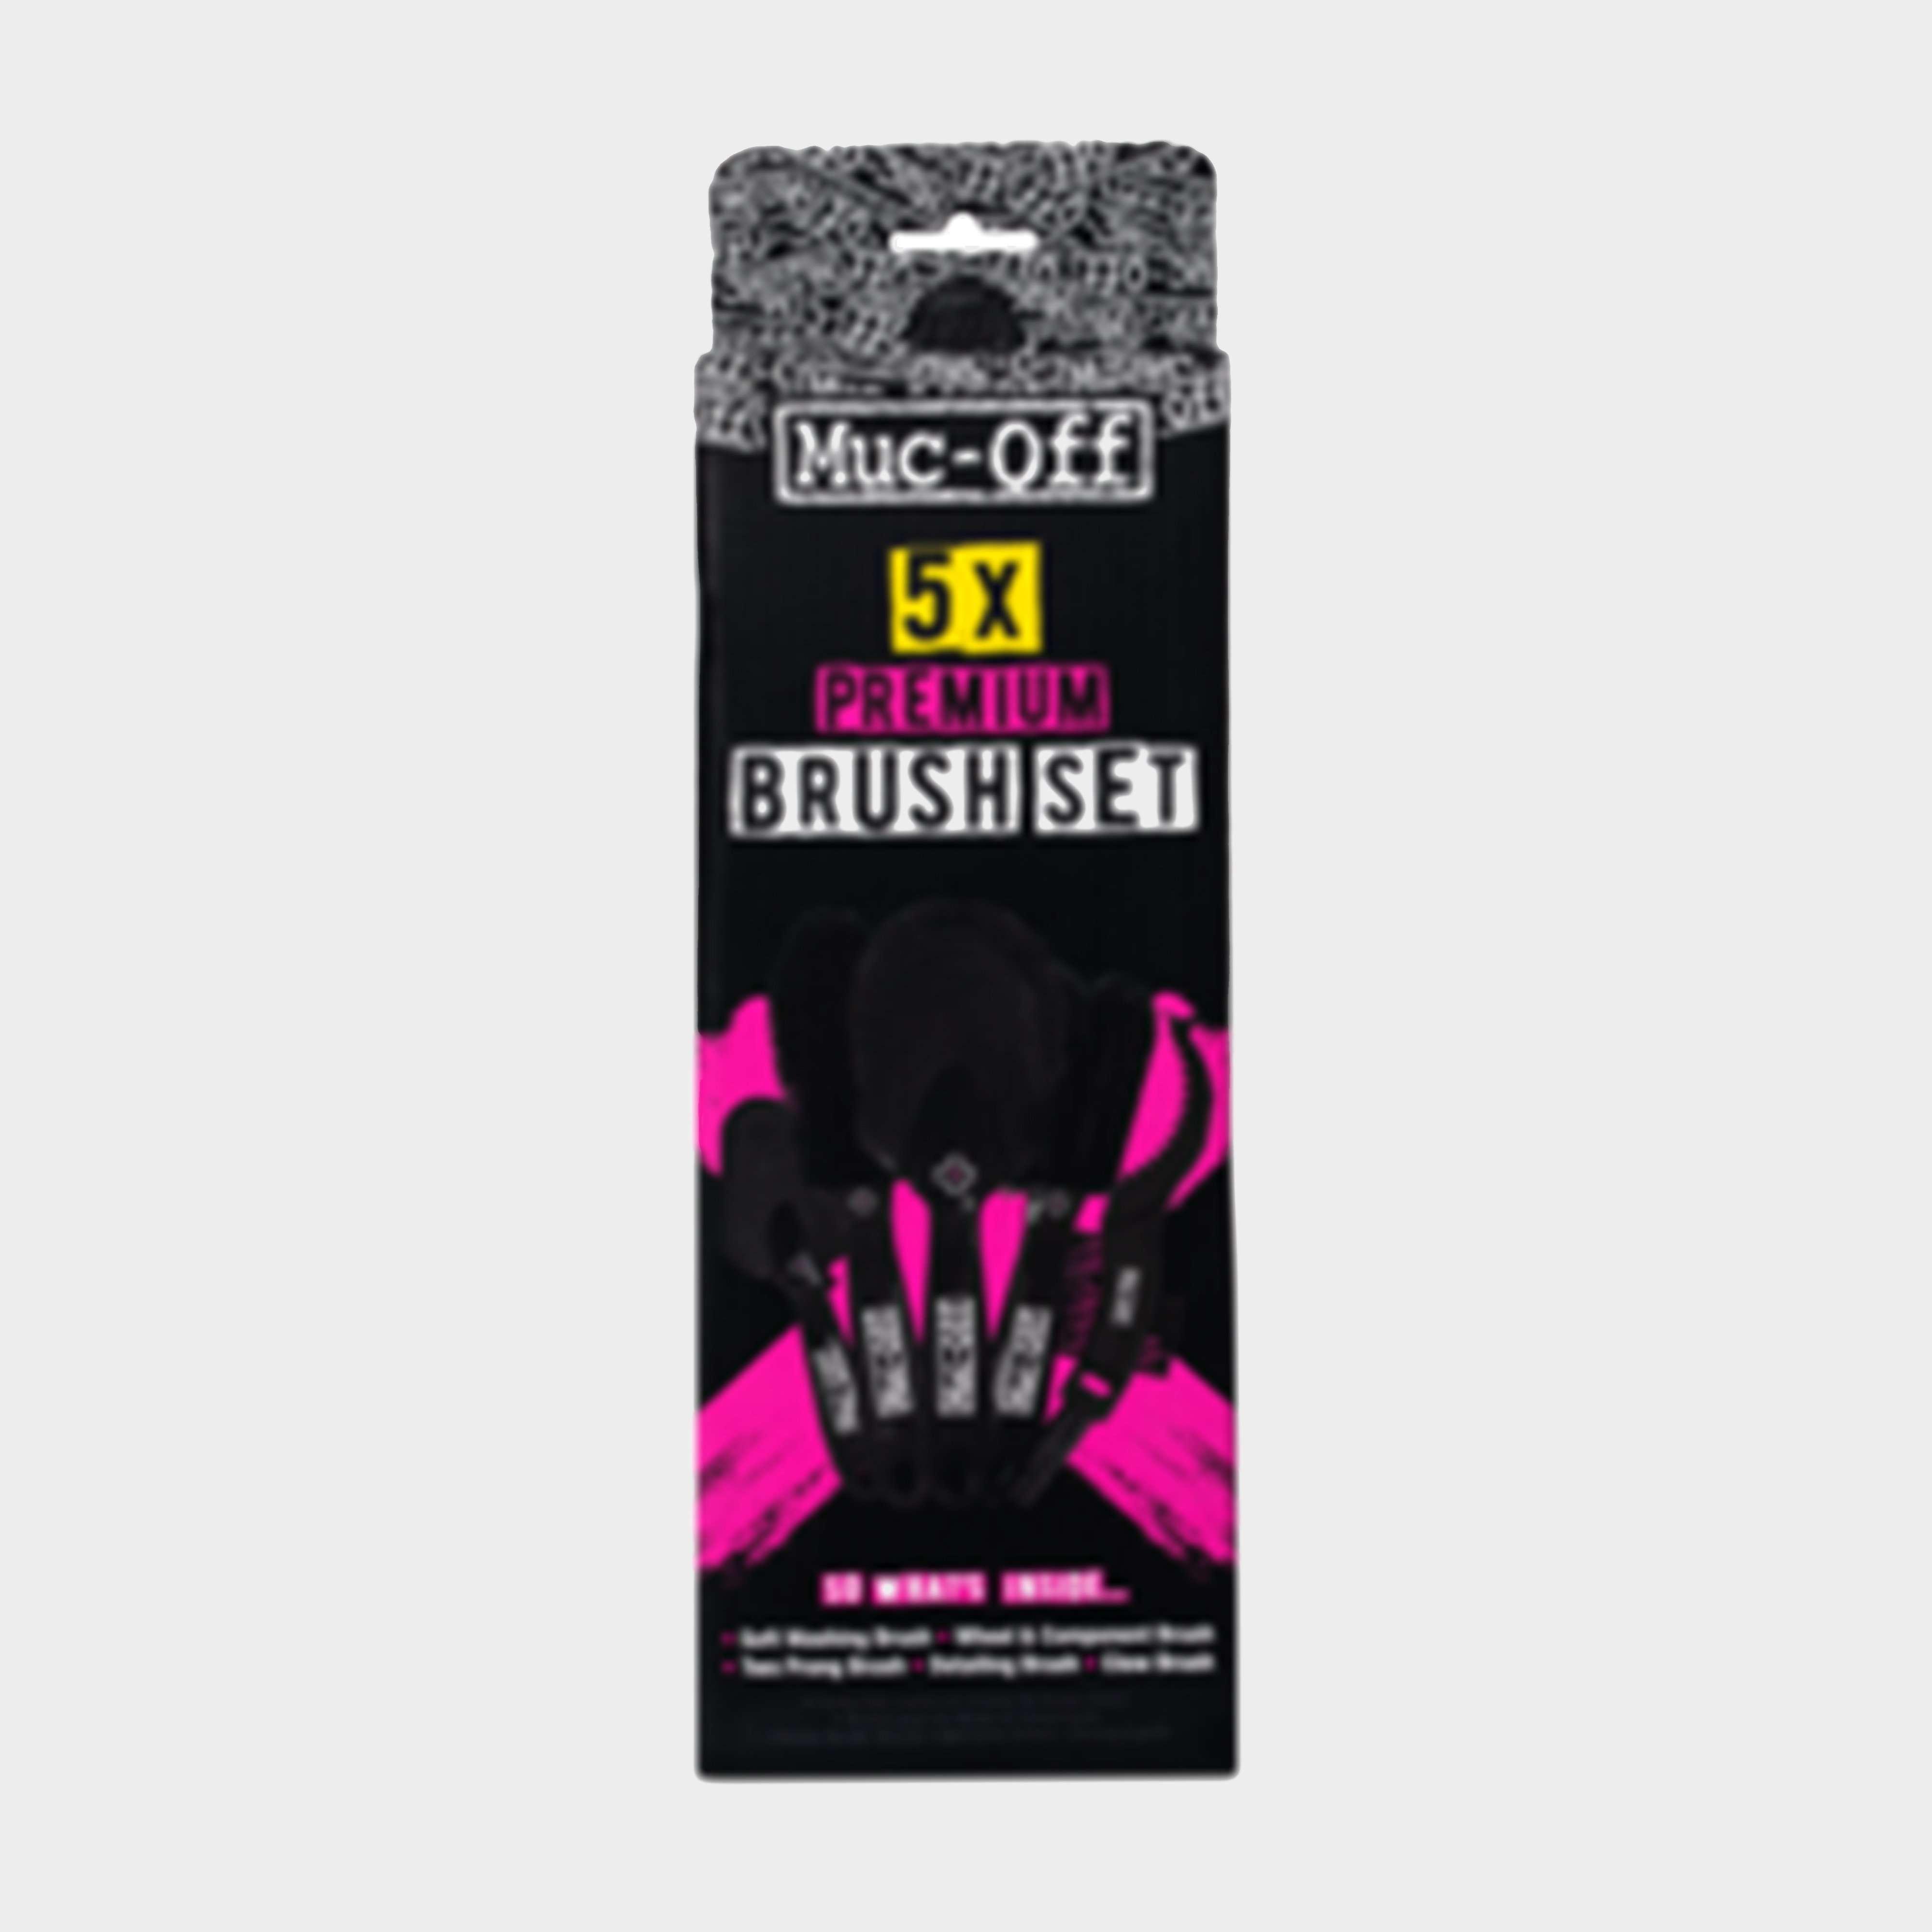 MUC OFF 5 x Premium Brush Set